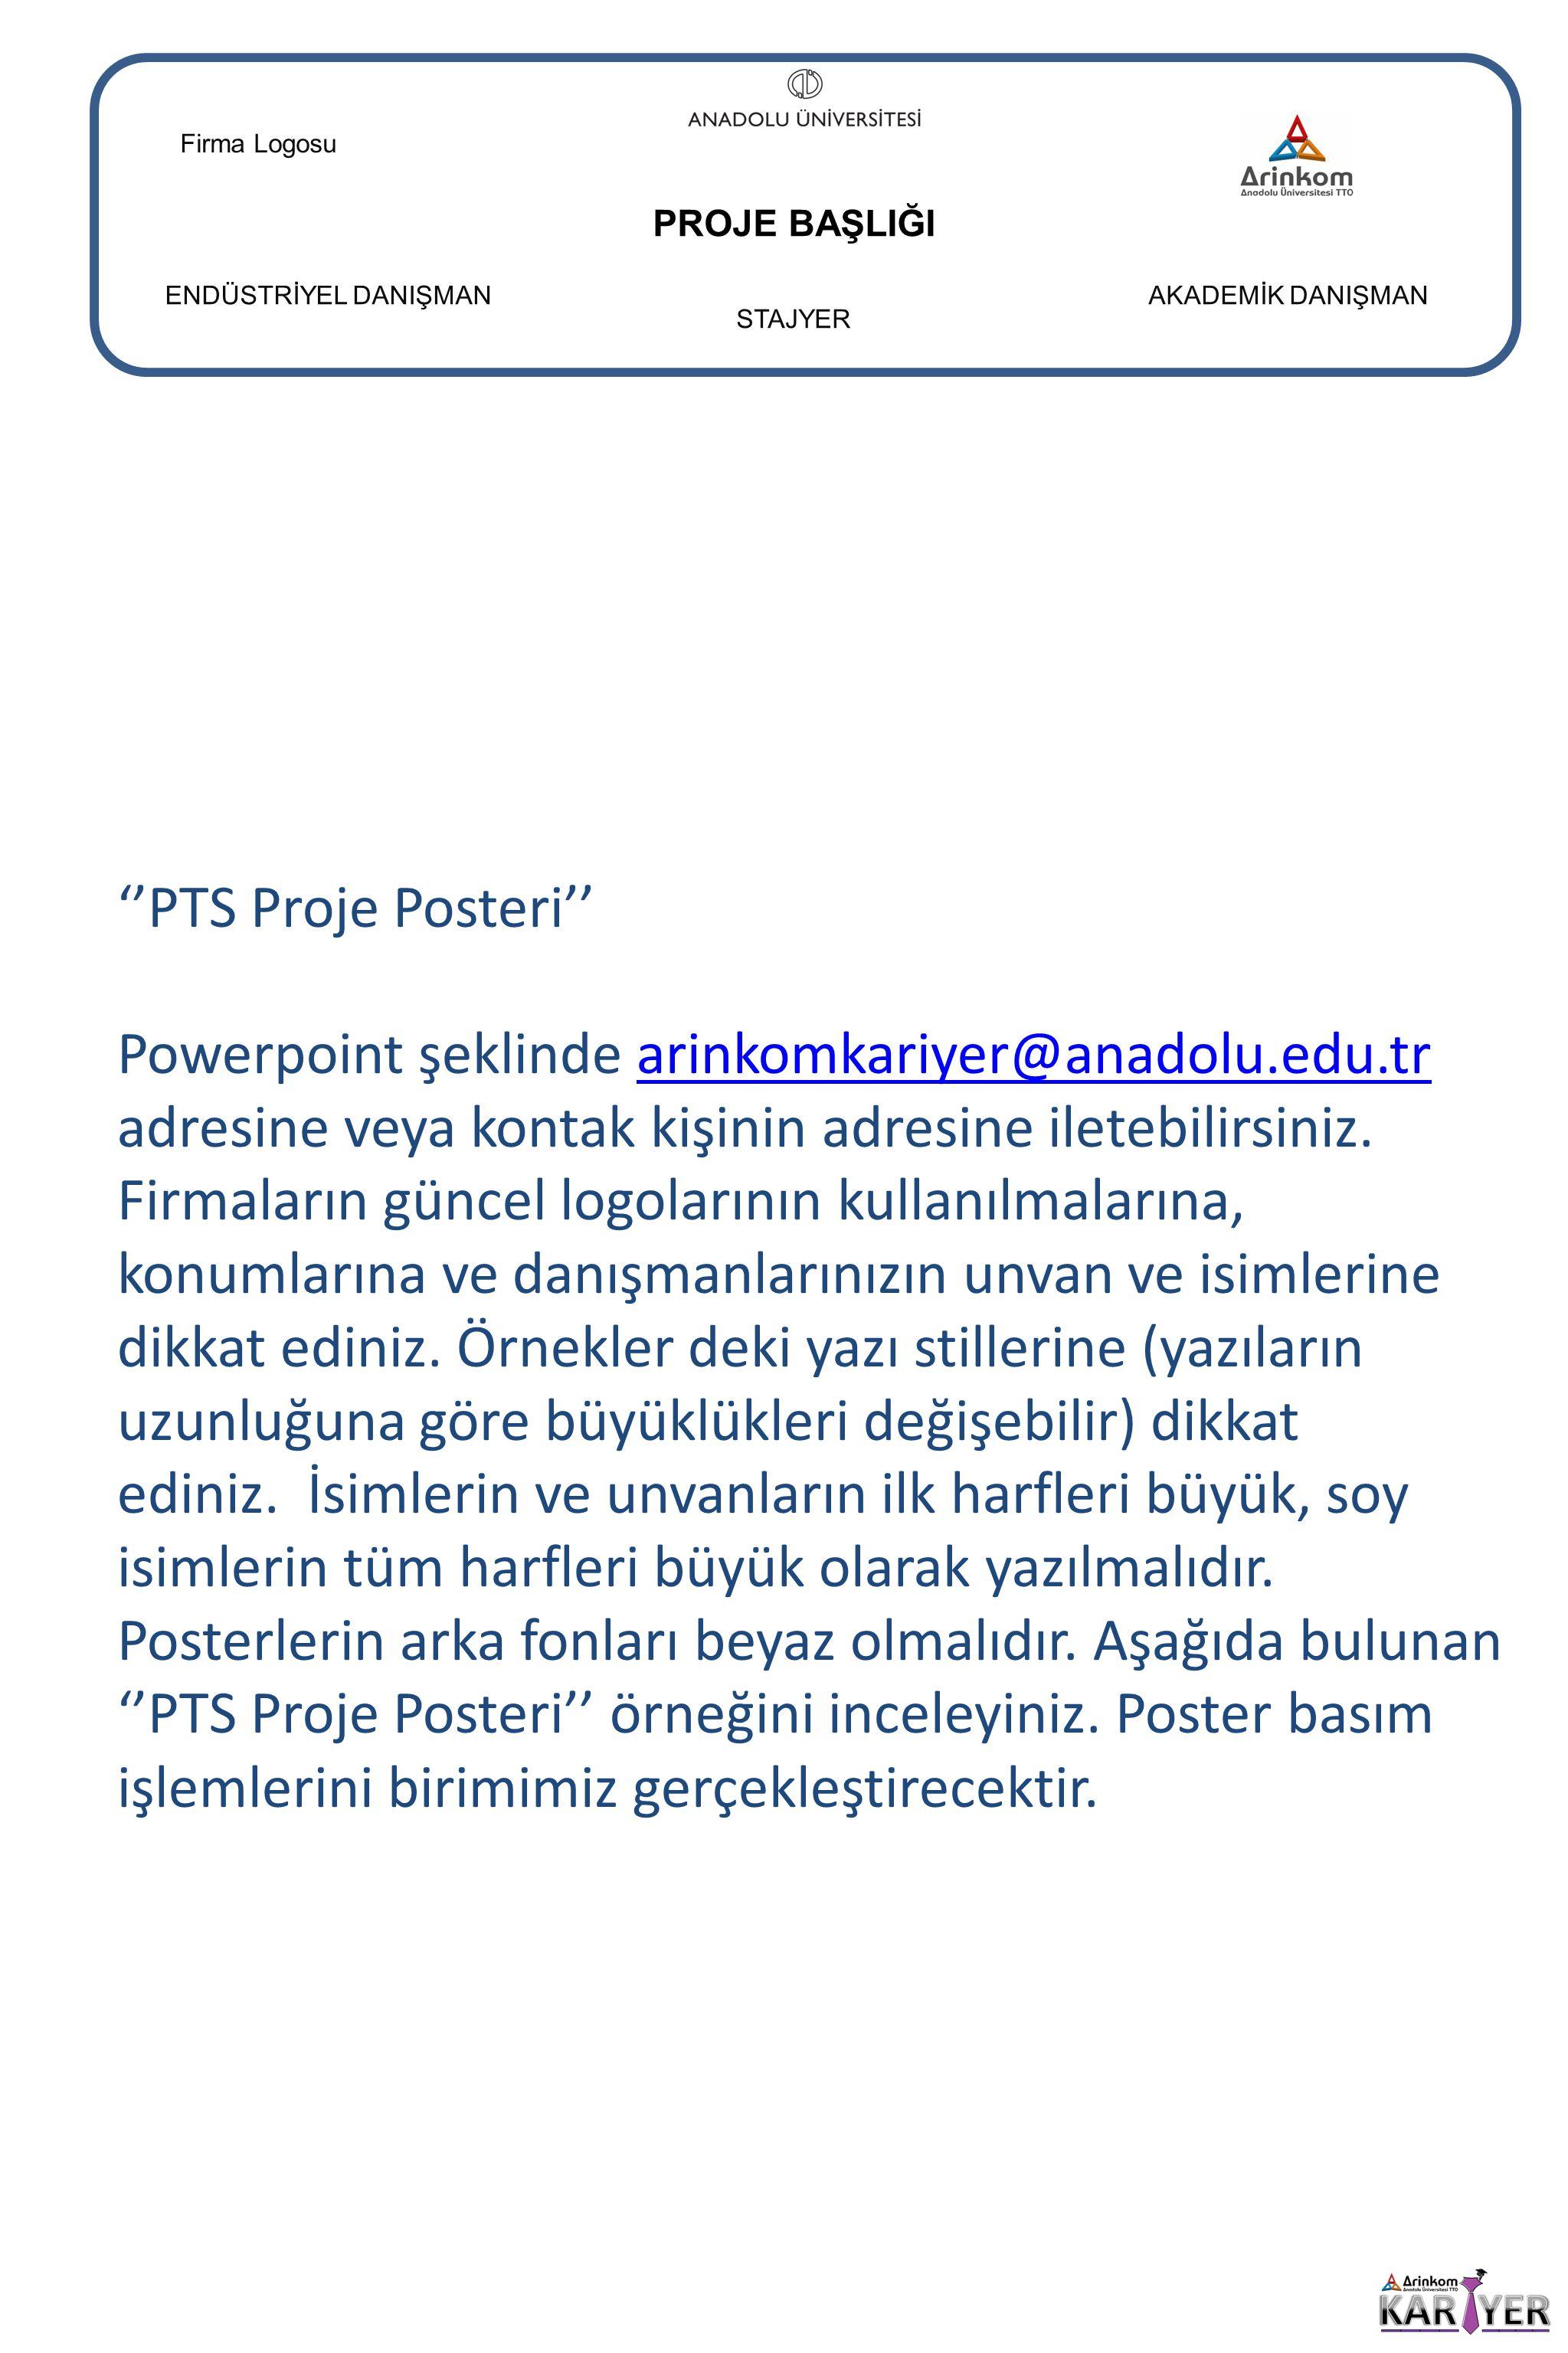 PROJE BAŞLIĞI ENDÜSTRİYEL DANIŞMANAKADEMİK DANIŞMAN STAJYER Firma Logosu ''PTS Proje Posteri'' Powerpoint şeklinde arinkomkariyer@anadolu.edu.tr adres